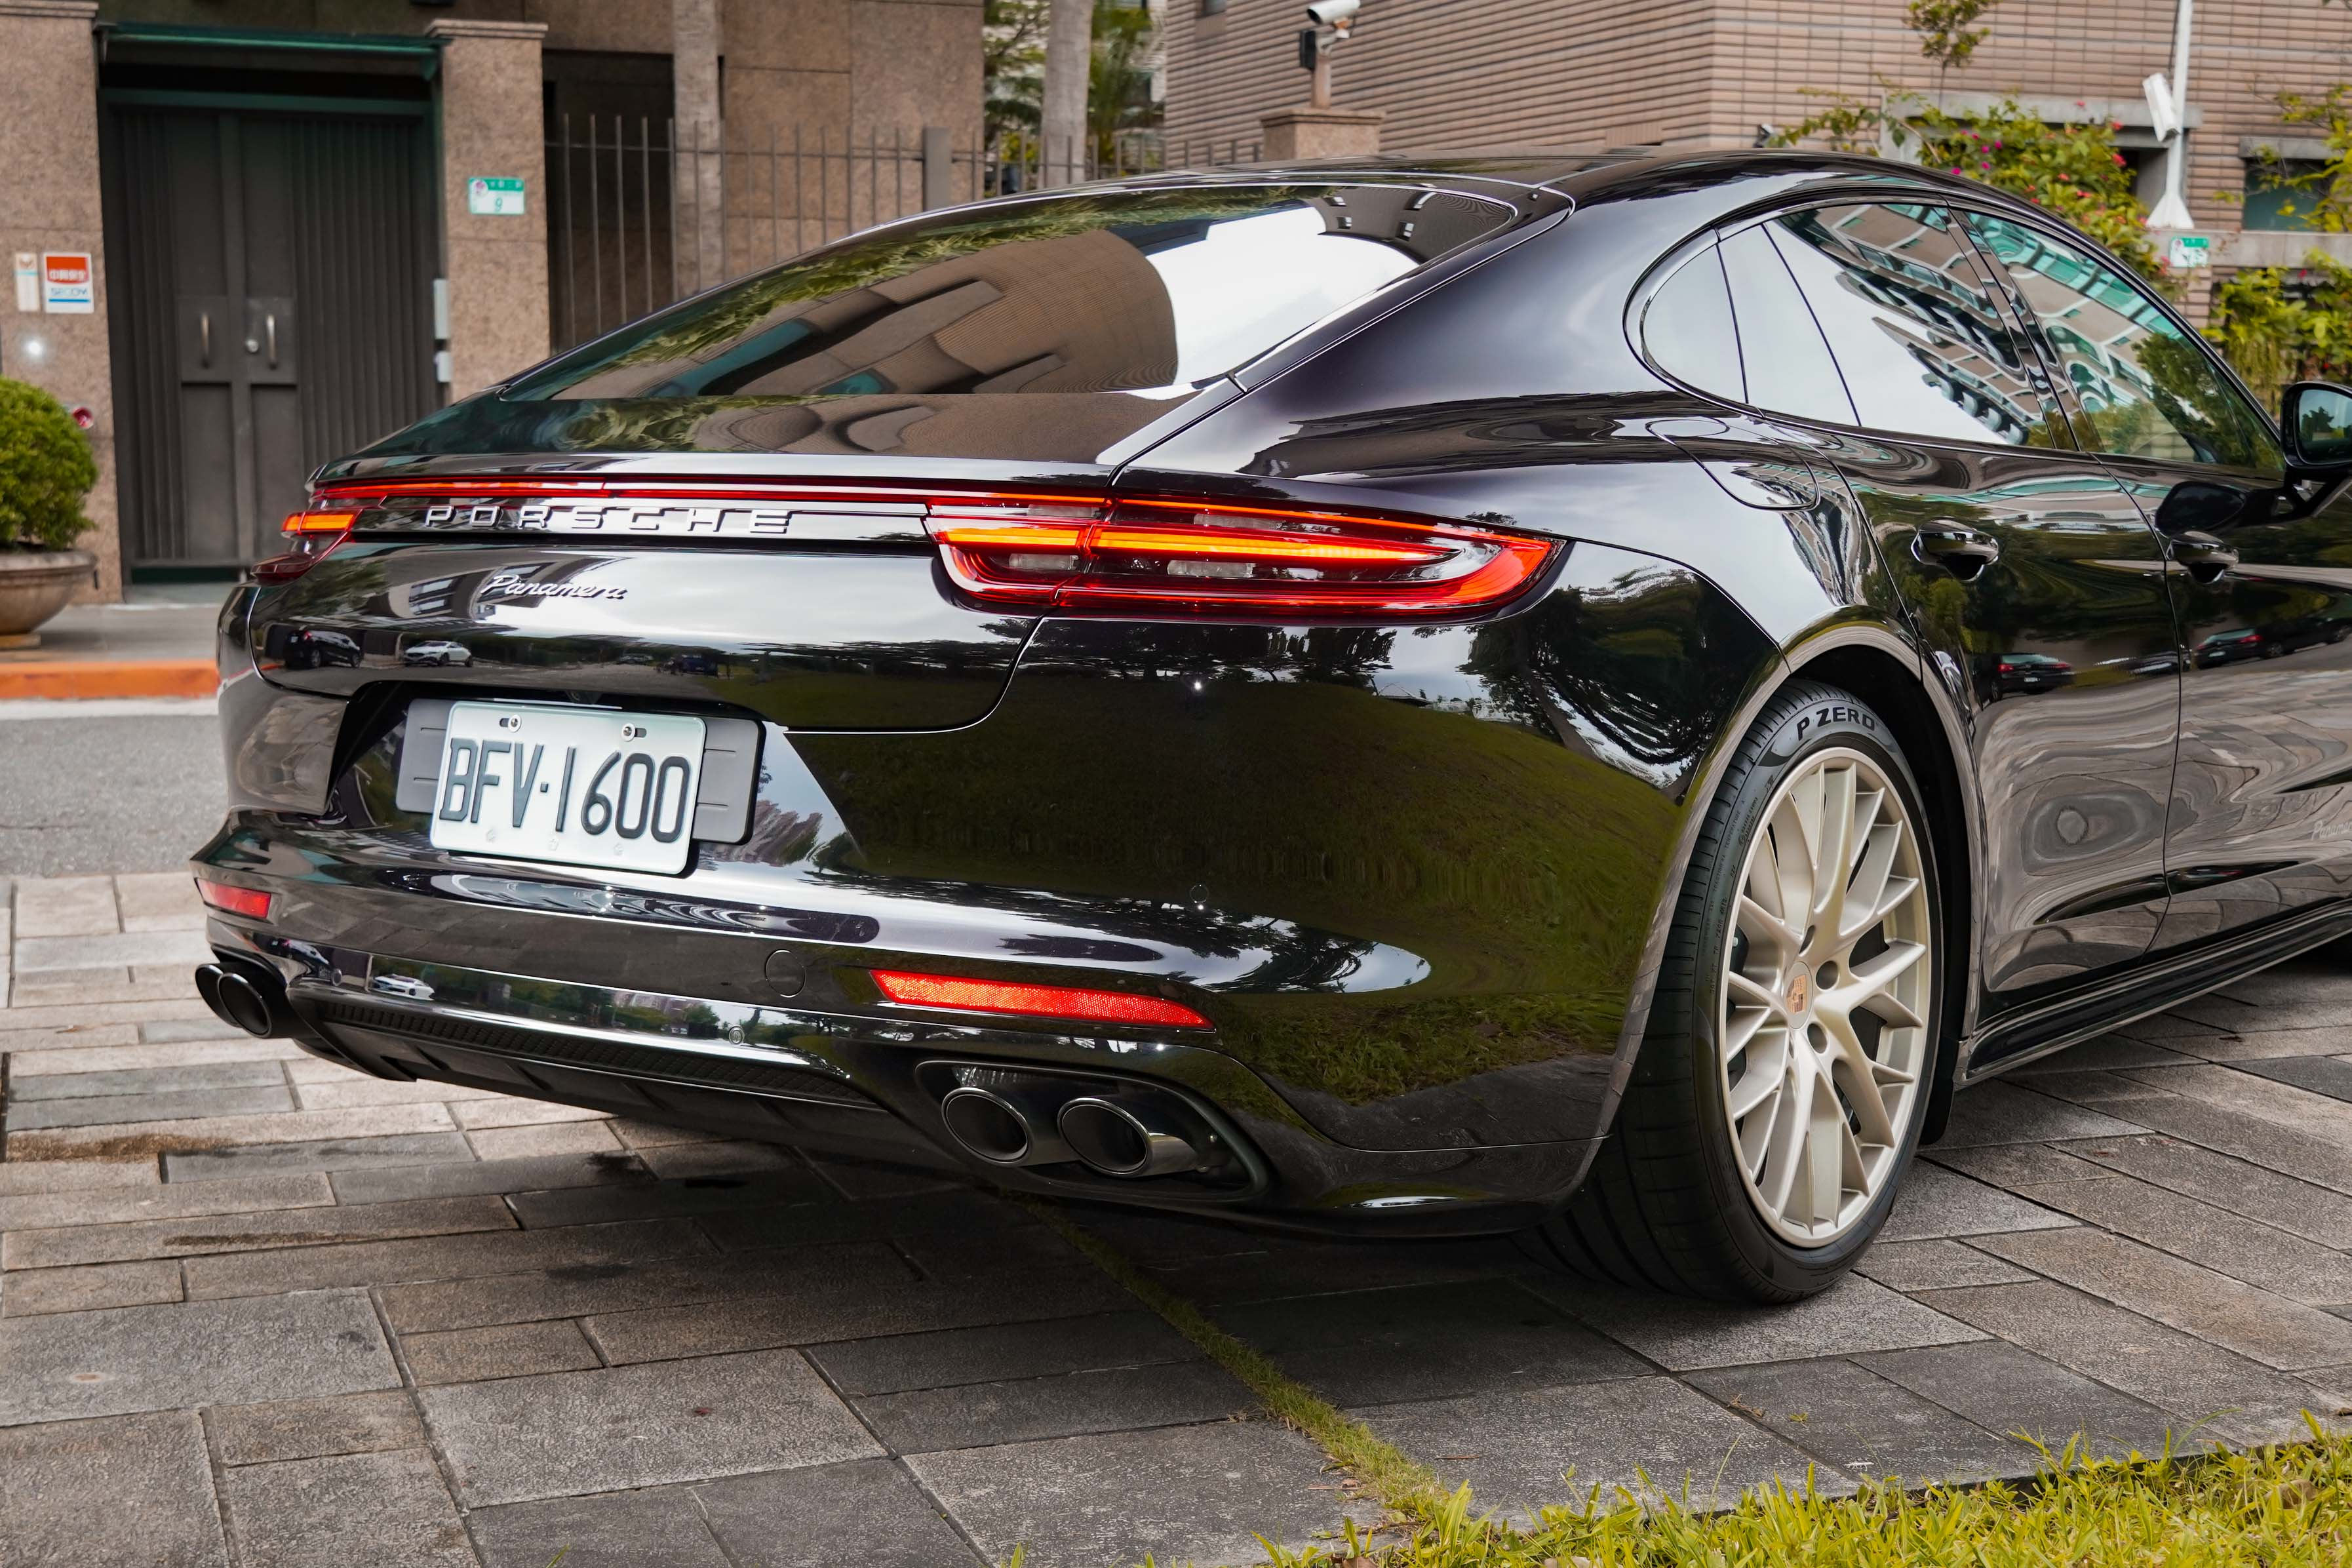 試駕車選配跑車化排氣系統含高亮澤黑色排氣尾飾管。